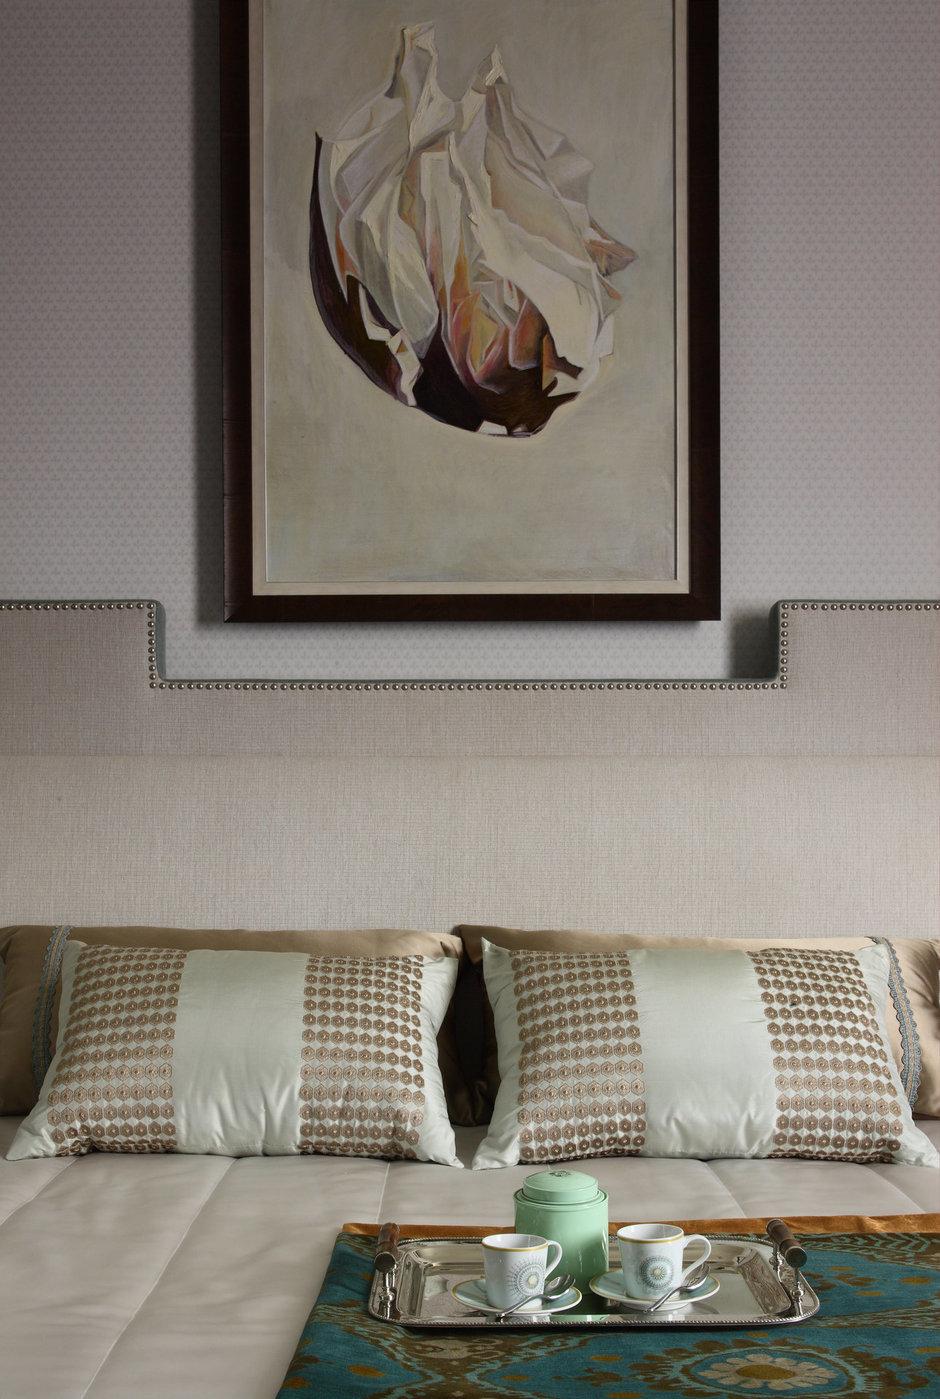 Фотография: Спальня в стиле Классический, Современный, Квартира, BOSCH, Проект недели, Москва, Лена Ленских, Manders, ЖК «Доминион» – фото на InMyRoom.ru